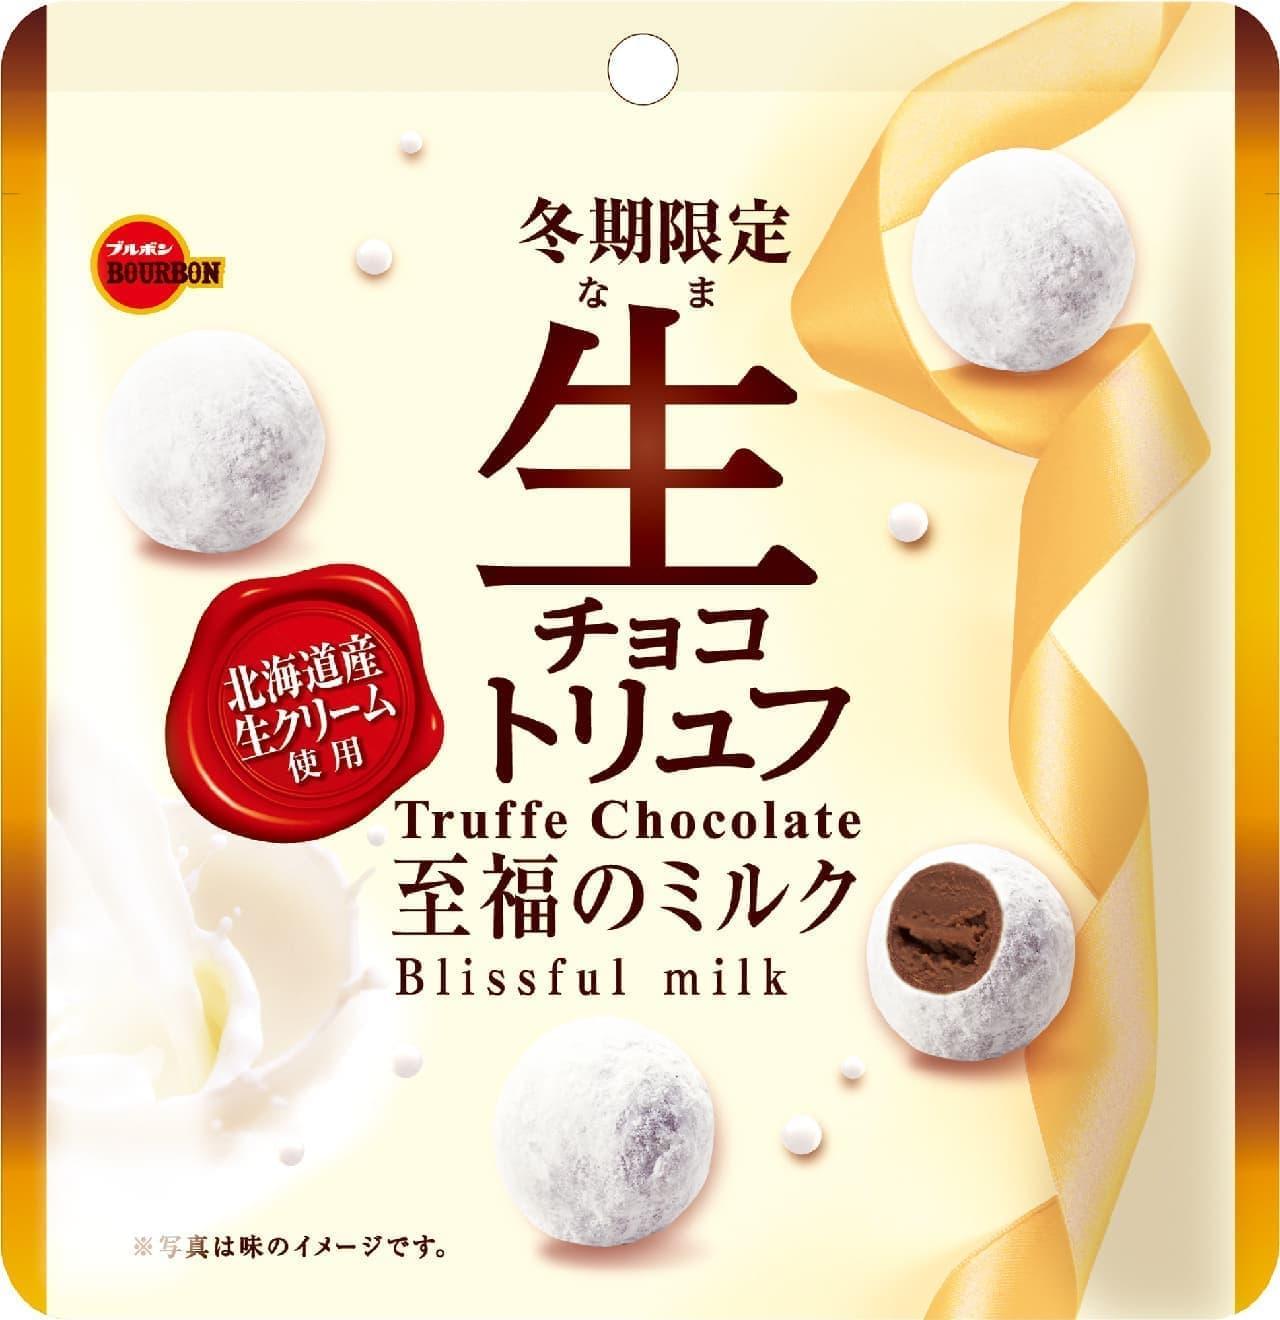 ブルボン「生チョコトリュフ至福のミルク」